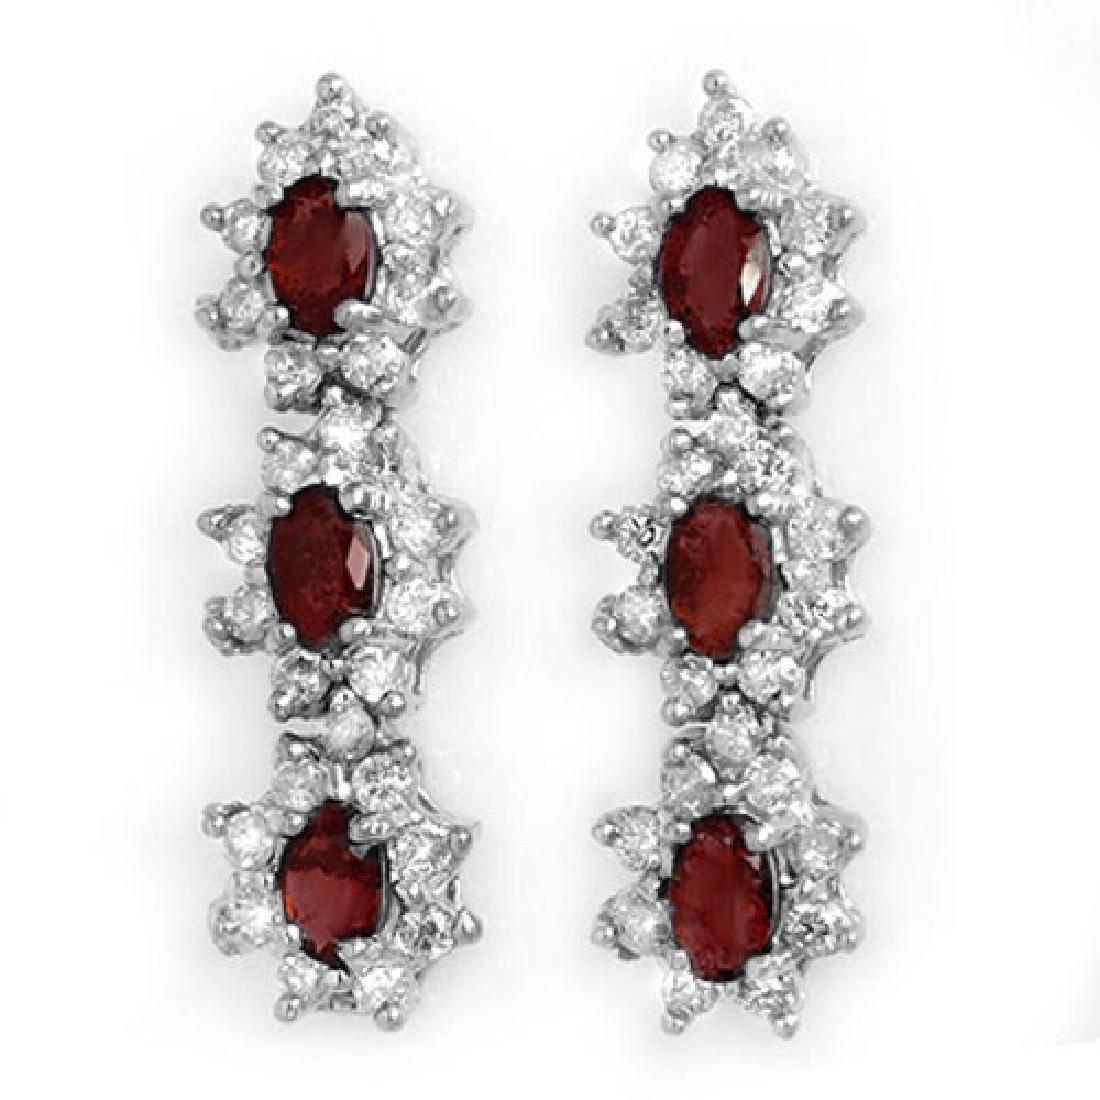 2.81 CTW Ruby & Diamond Earrings 18K White Gold